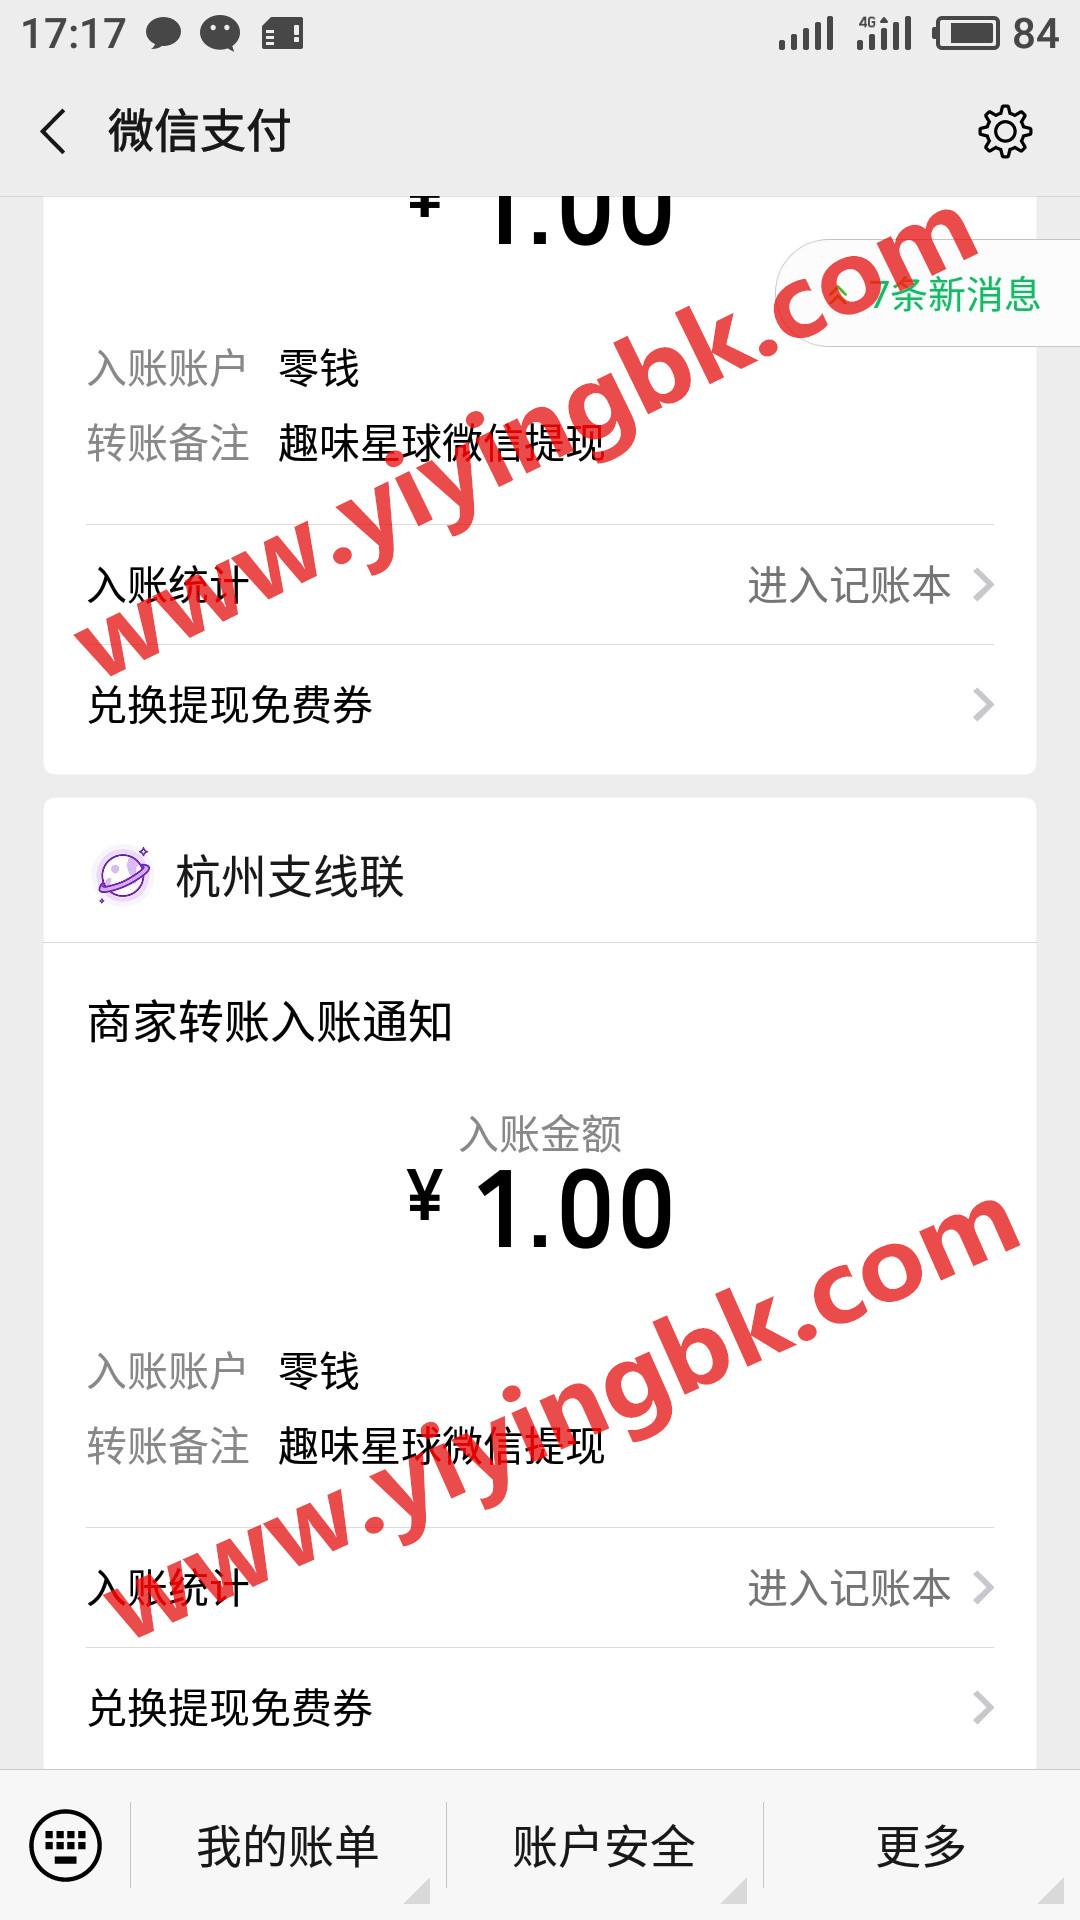 免费玩手游领红包赚零花钱,微信1元提现支付秒到账。www.yiyingbk.com